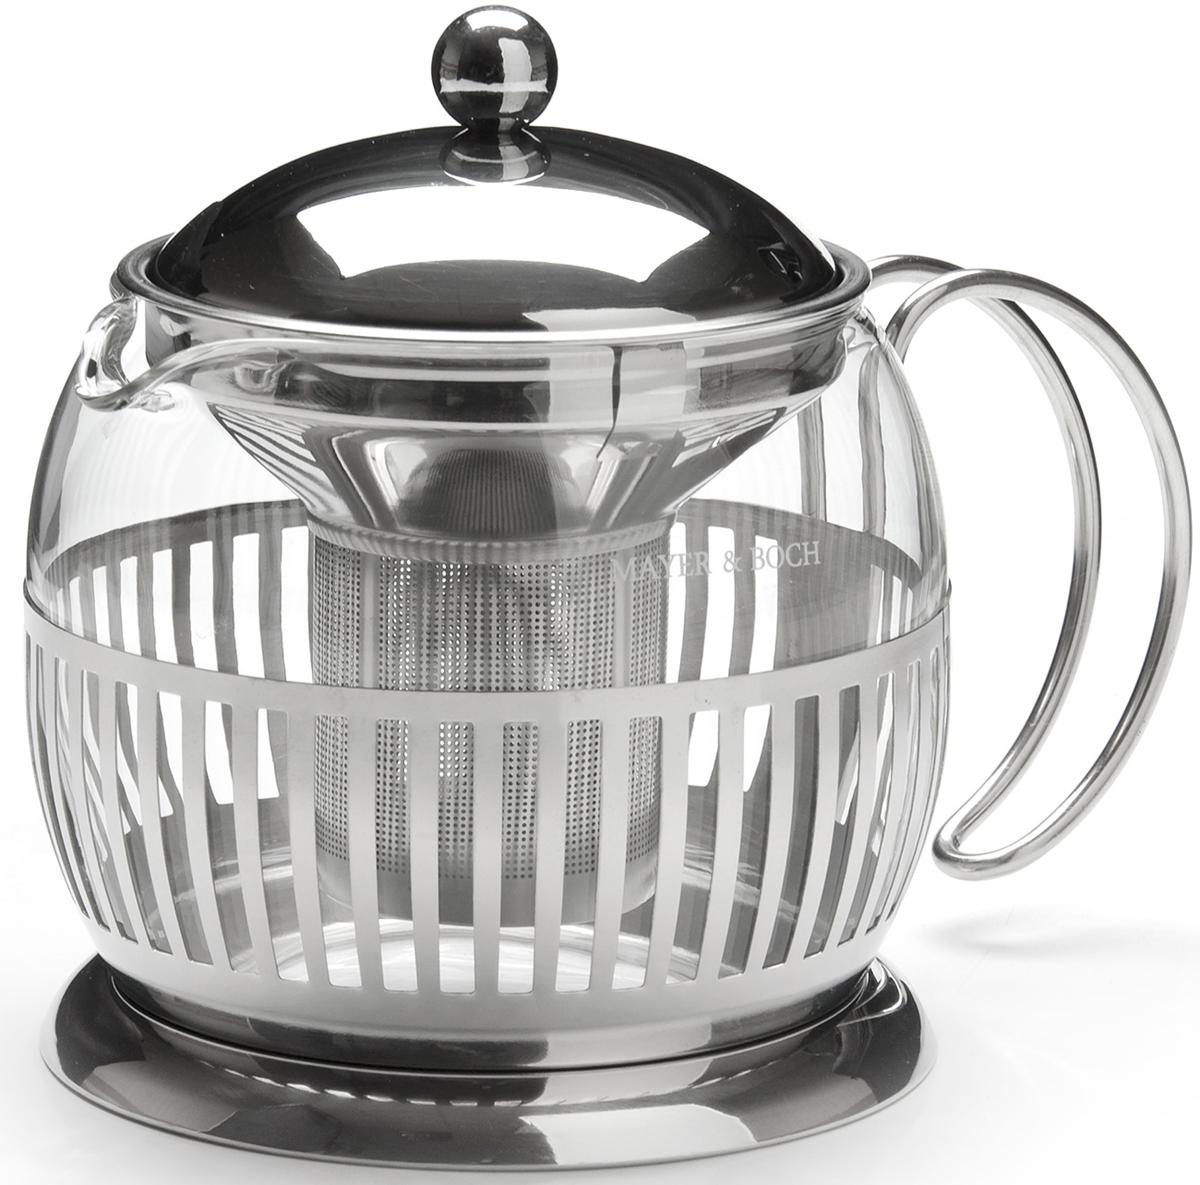 Заварочный чайник MAYER&BOCH с металлическим фильтром/ситечком изготовлен из нержавеющей стали и термостойкого боросиликатного стекла. Корпус, крышка и фильтр из нержавеющей стали, внутренняя колба из стекла. Изделия из стекла не впитывают запахи, благодаря чему вы всегда получите натуральный, насыщенный вкус и аромат напитков. Заварочный чайник из стекла удобно использовать для повседневного заваривания чая любого сорта. Сетчатый металлический фильтр гарантирует прозрачность и чистоту напитка от чайных листьев, при этом сохранив букет и насыщенность чая. Прозрачные стенки чайника дают возможность насладиться насыщенным цветом заваренного чая. Эстетичный и функциональный, с современным дизайном, заварочный чайник MAYER&BOCH будет прекрасно смотреться в любом интерьере и послужит хорошим подарком для друзей и близких! Подходит для мытья в посудомоечной машине.